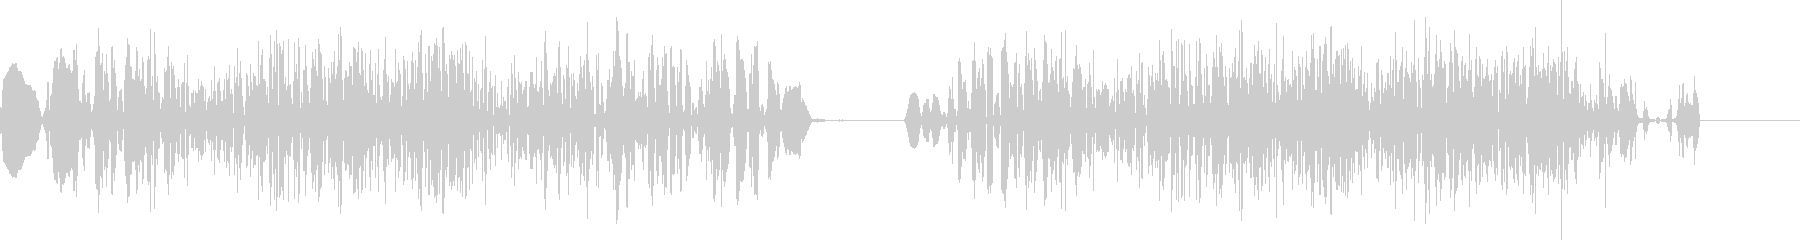 ショートスクラッチの未再生の波形